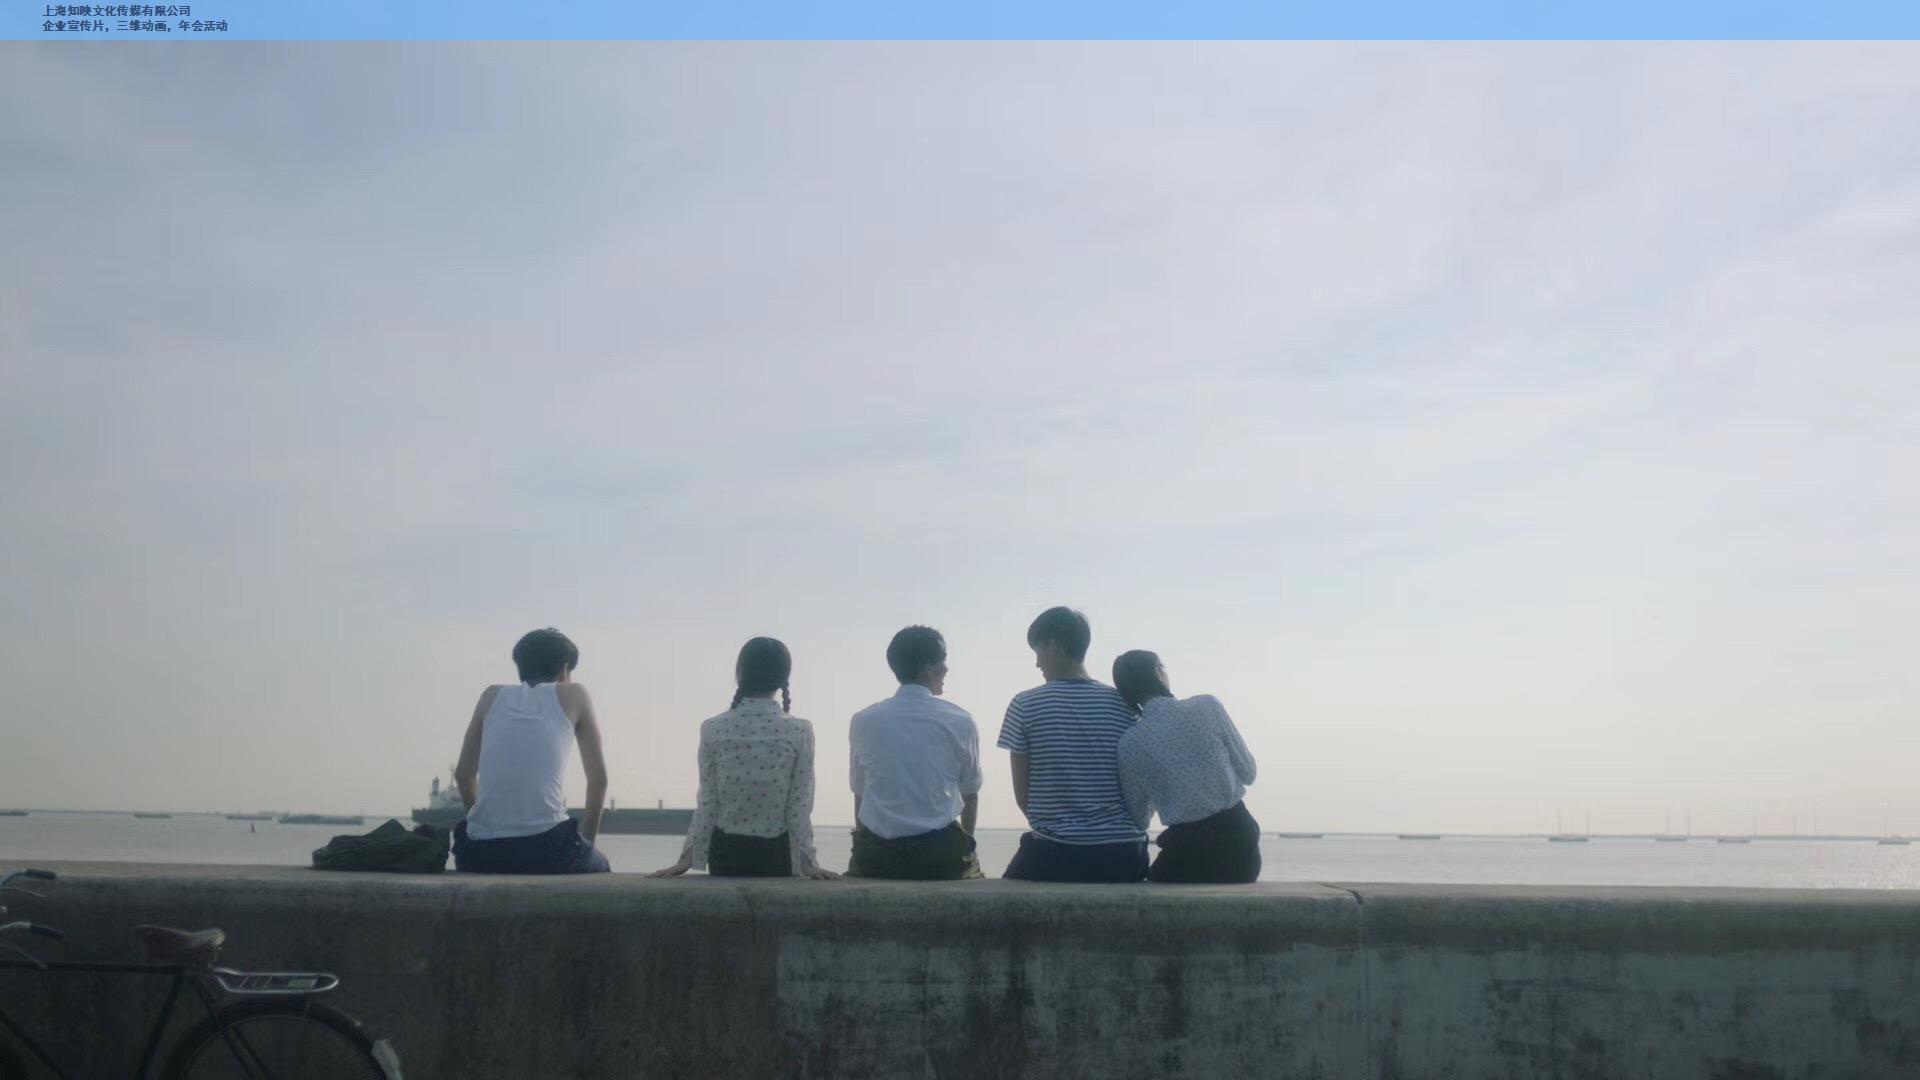 上海活动视频制作咨询报价 值得信赖 上海知映文化传媒供应